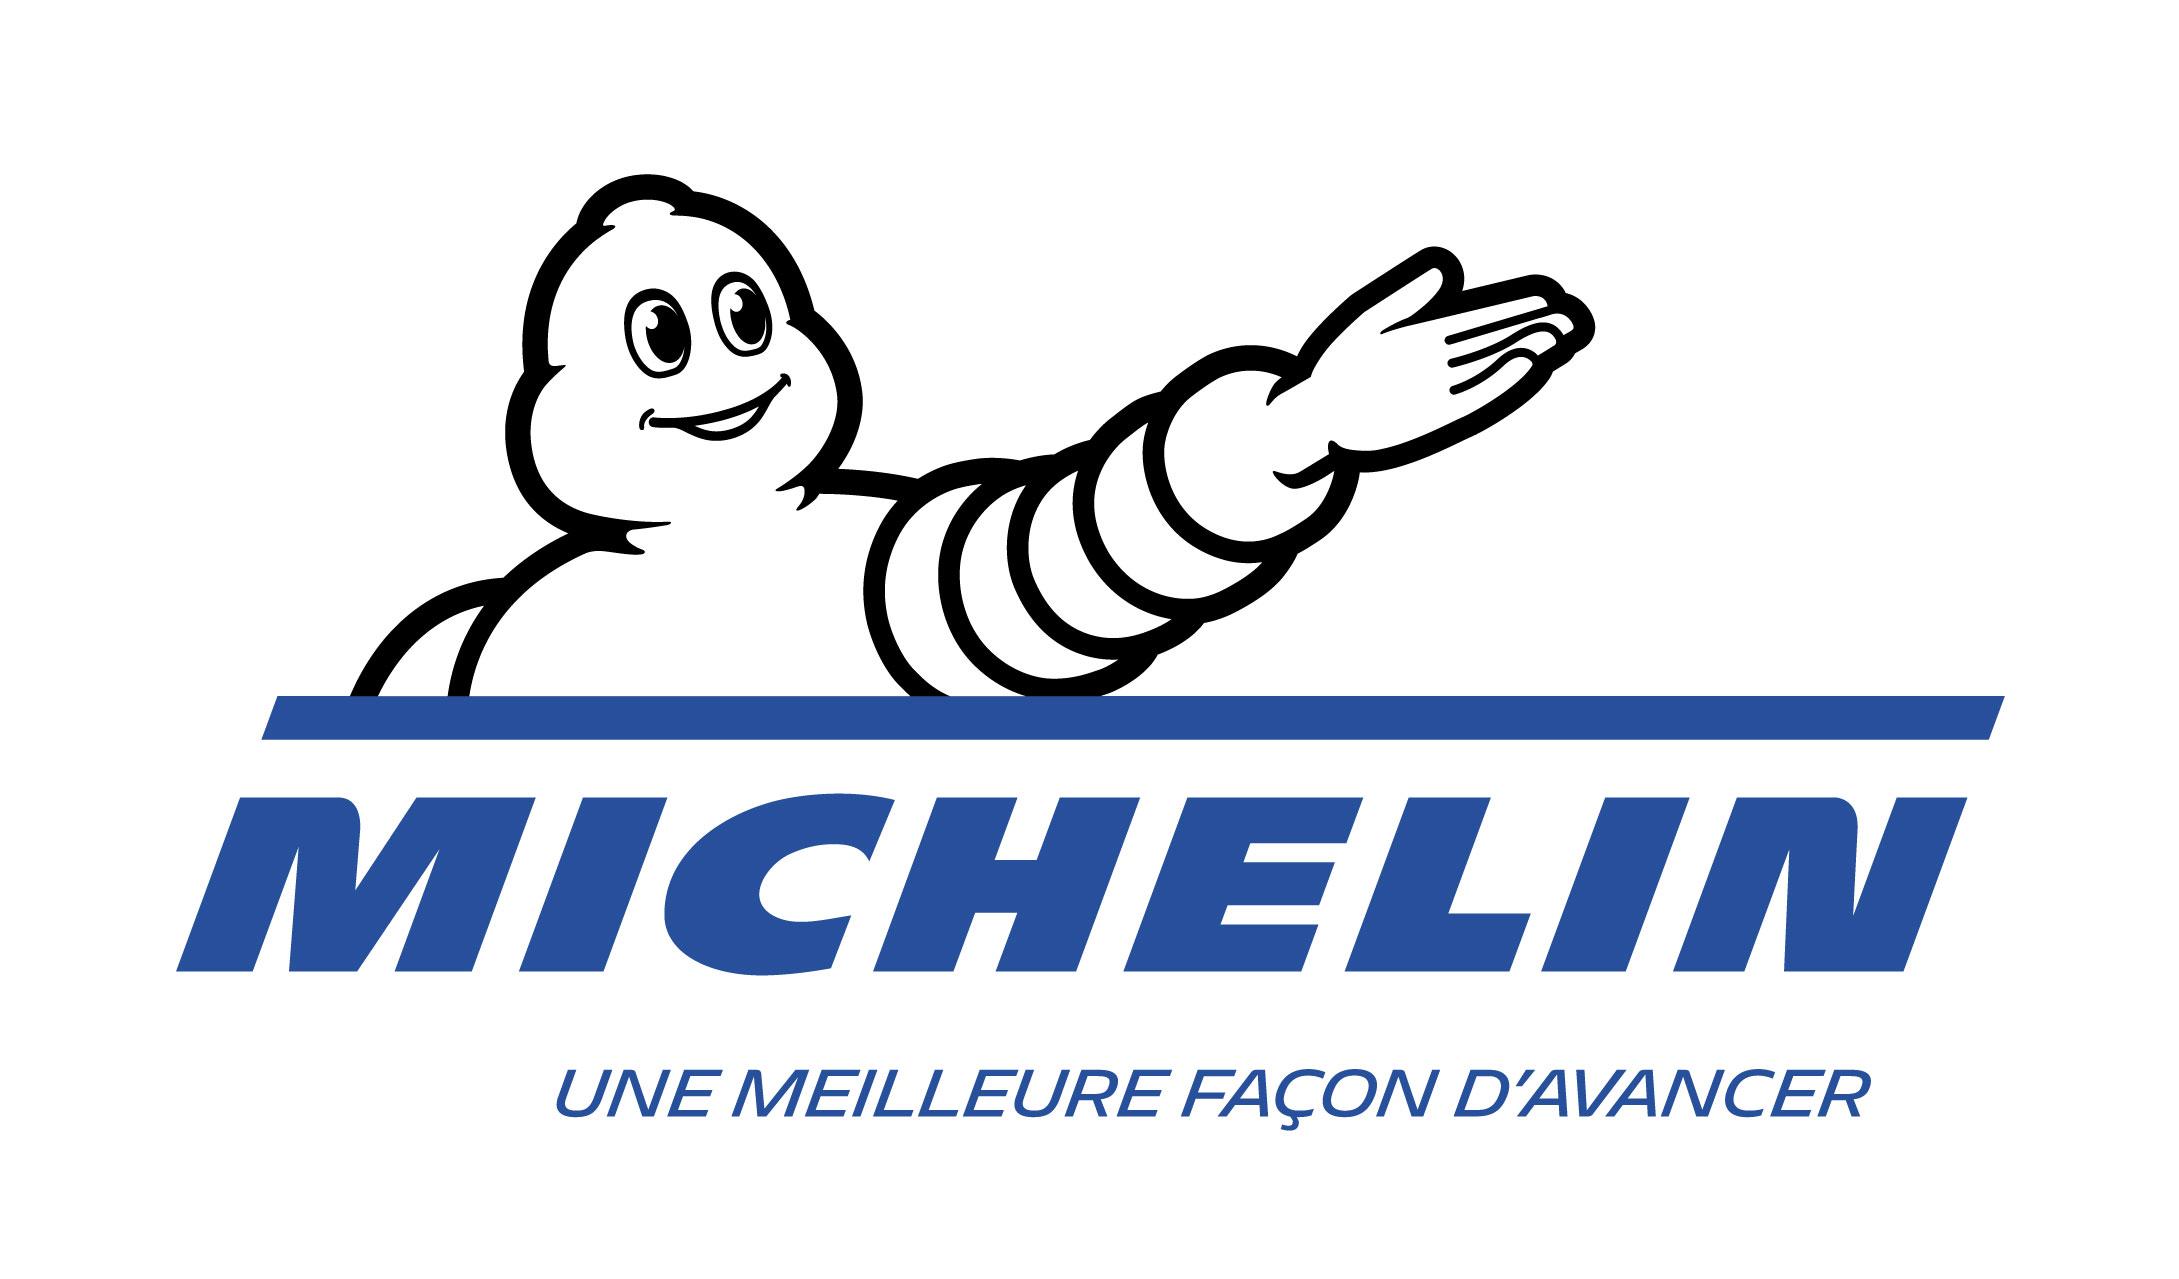 logo de MICHELIN